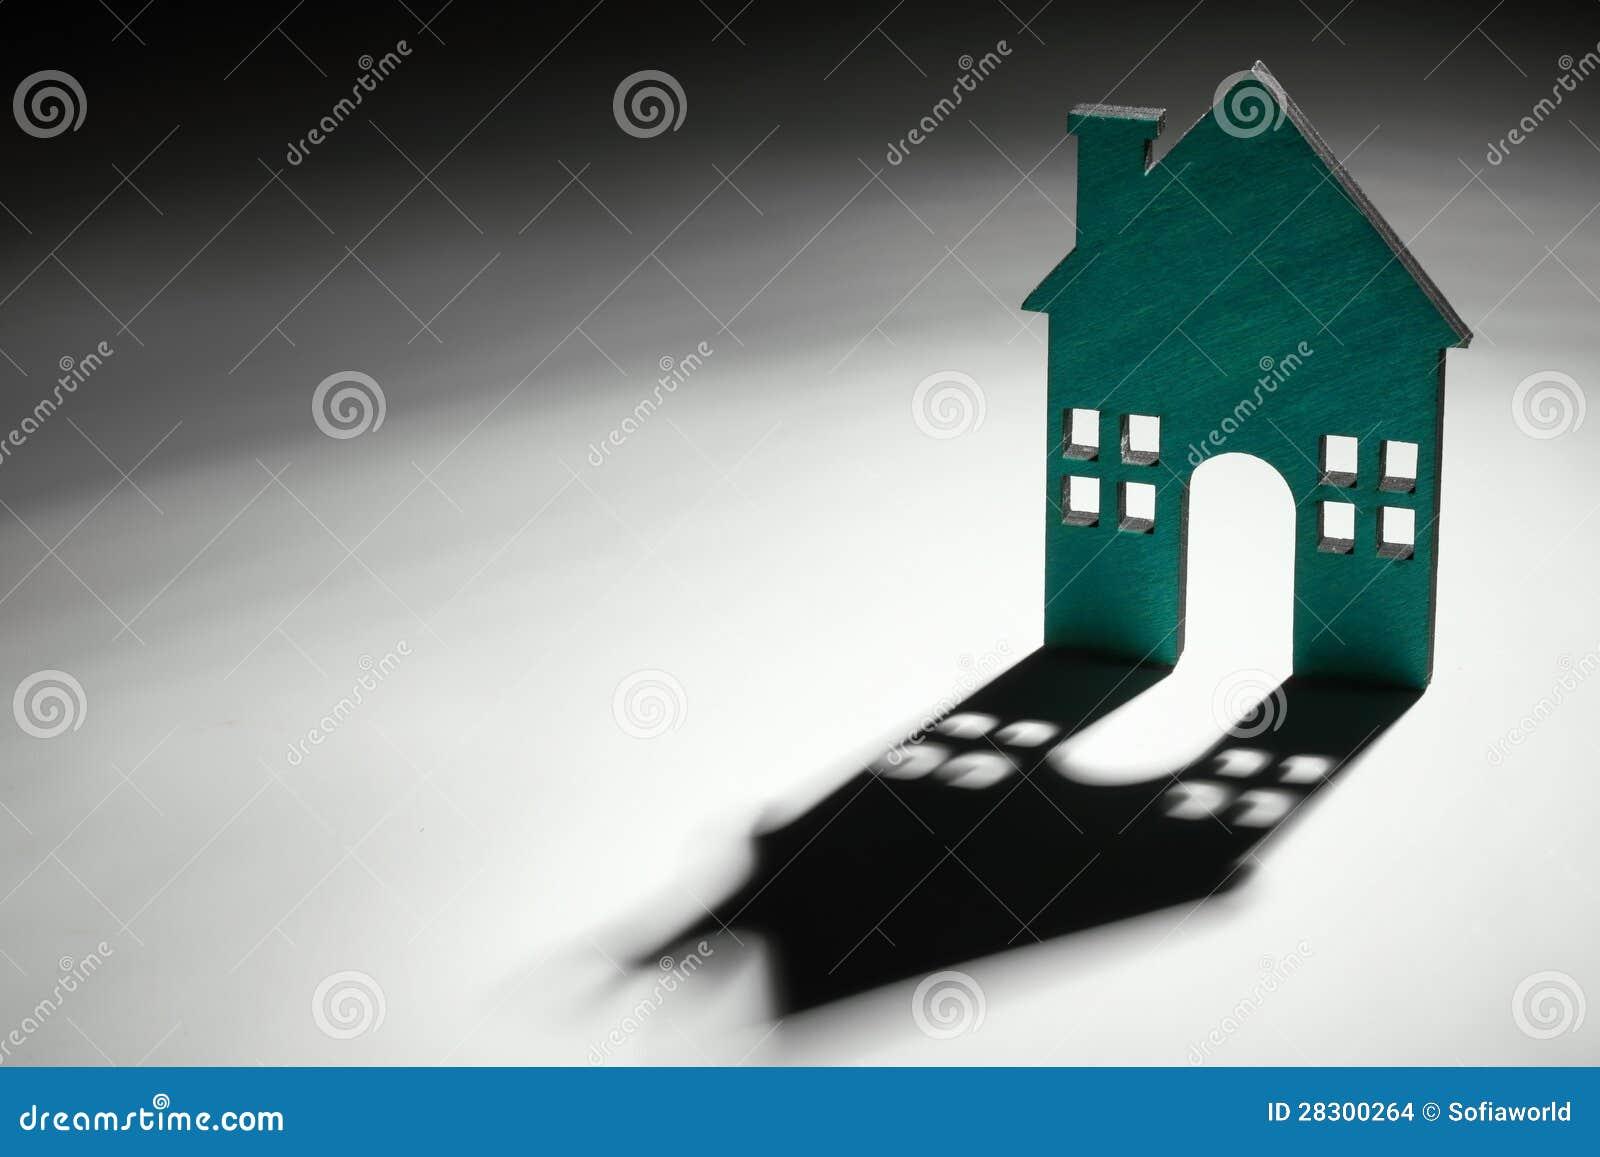 Икона деревянного дома